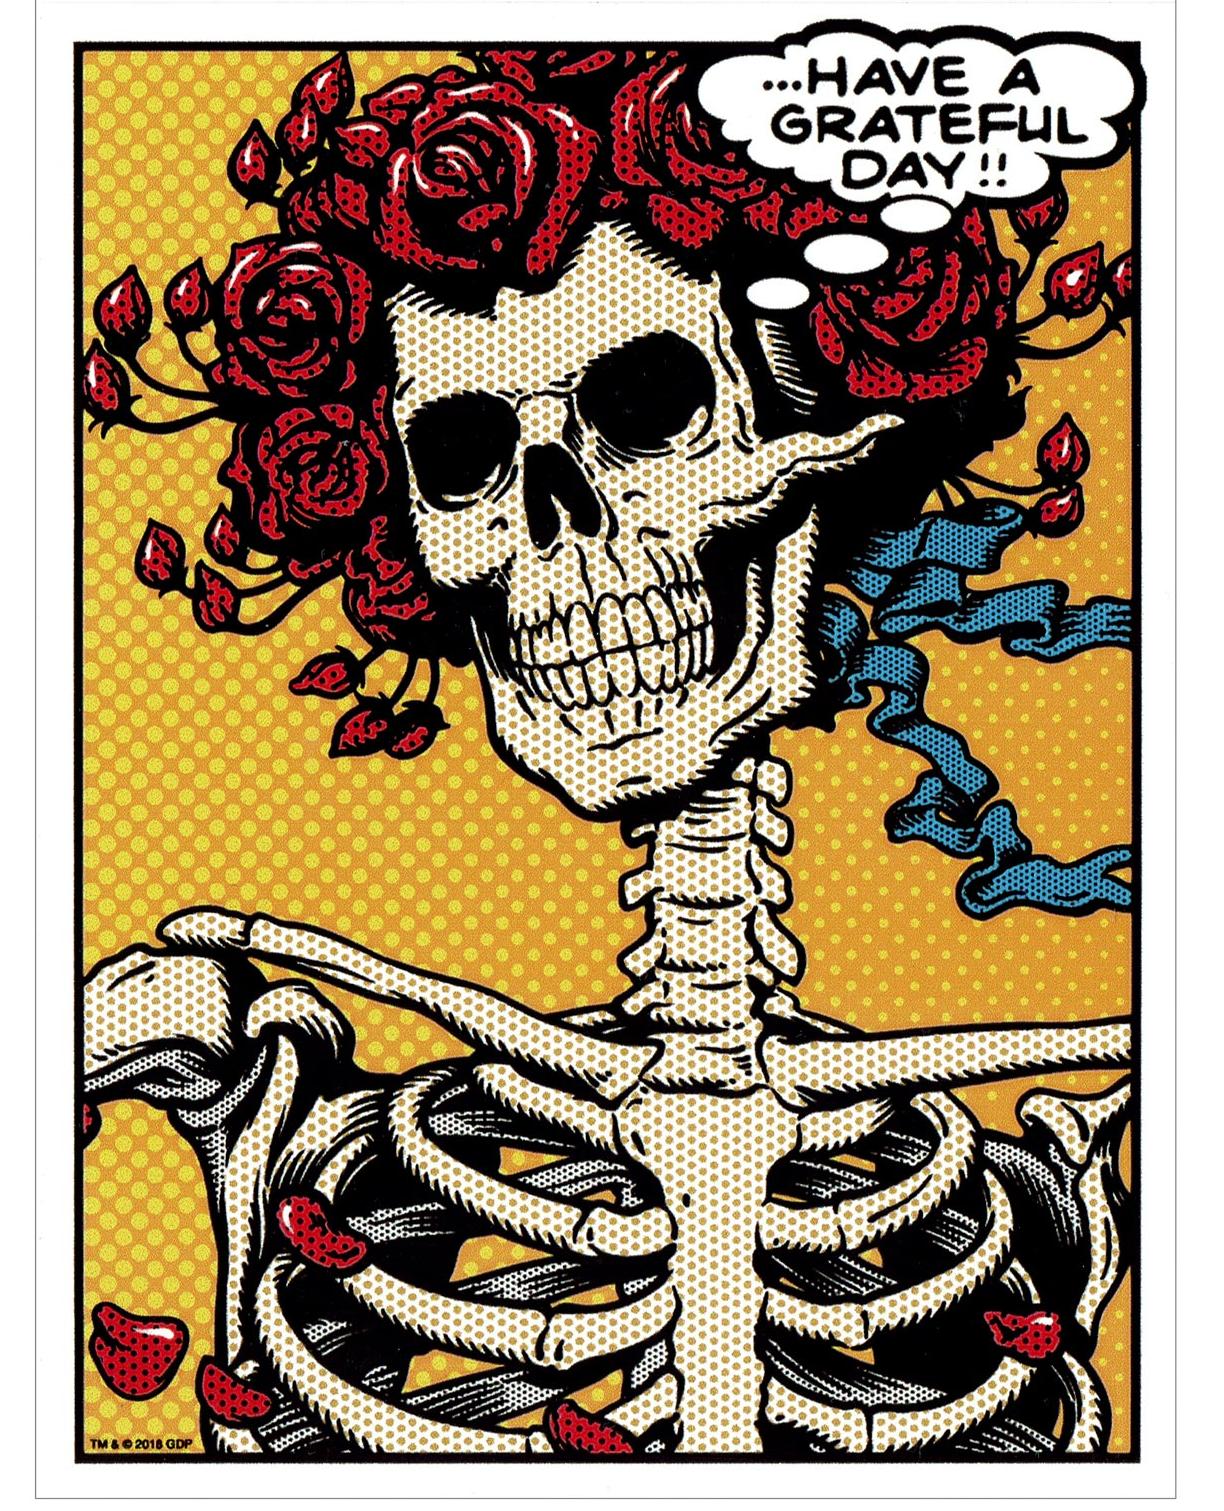 New Grateful Dead Pop Art Bertha Sticker Grateful Dead Image Grateful Dead Sticker Pop Art